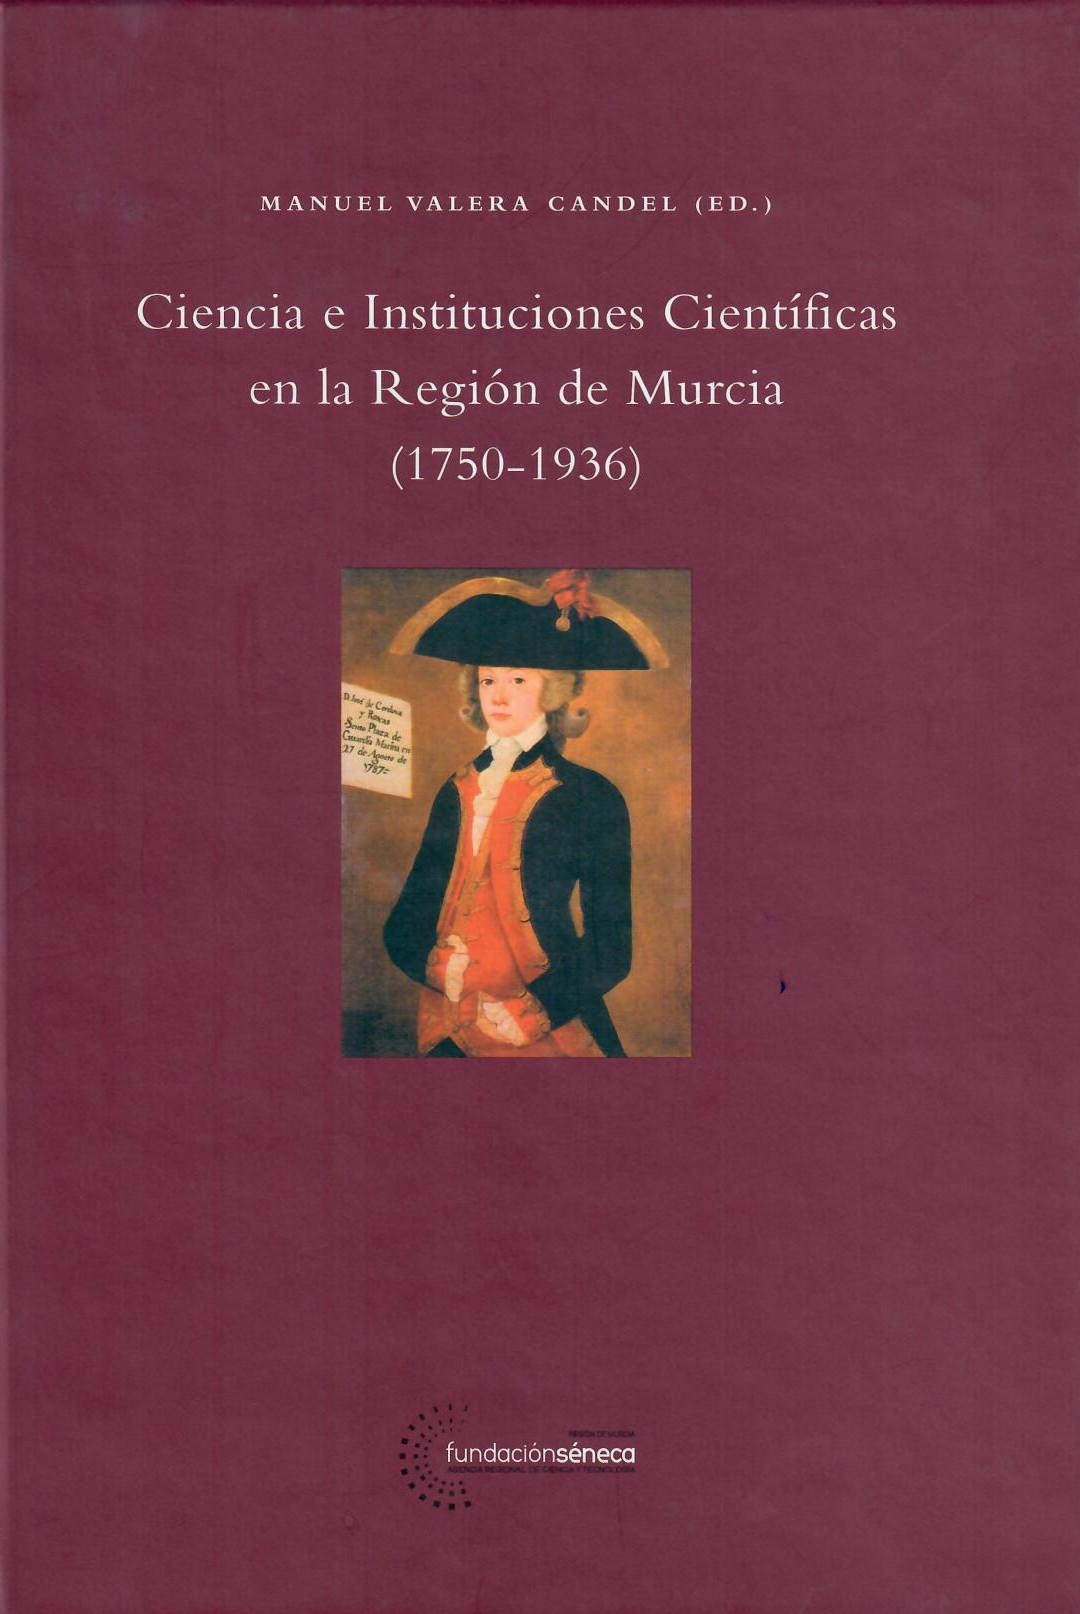 Ciencia e Instituciones Científicas en la Región de Murcia (1750-1936)